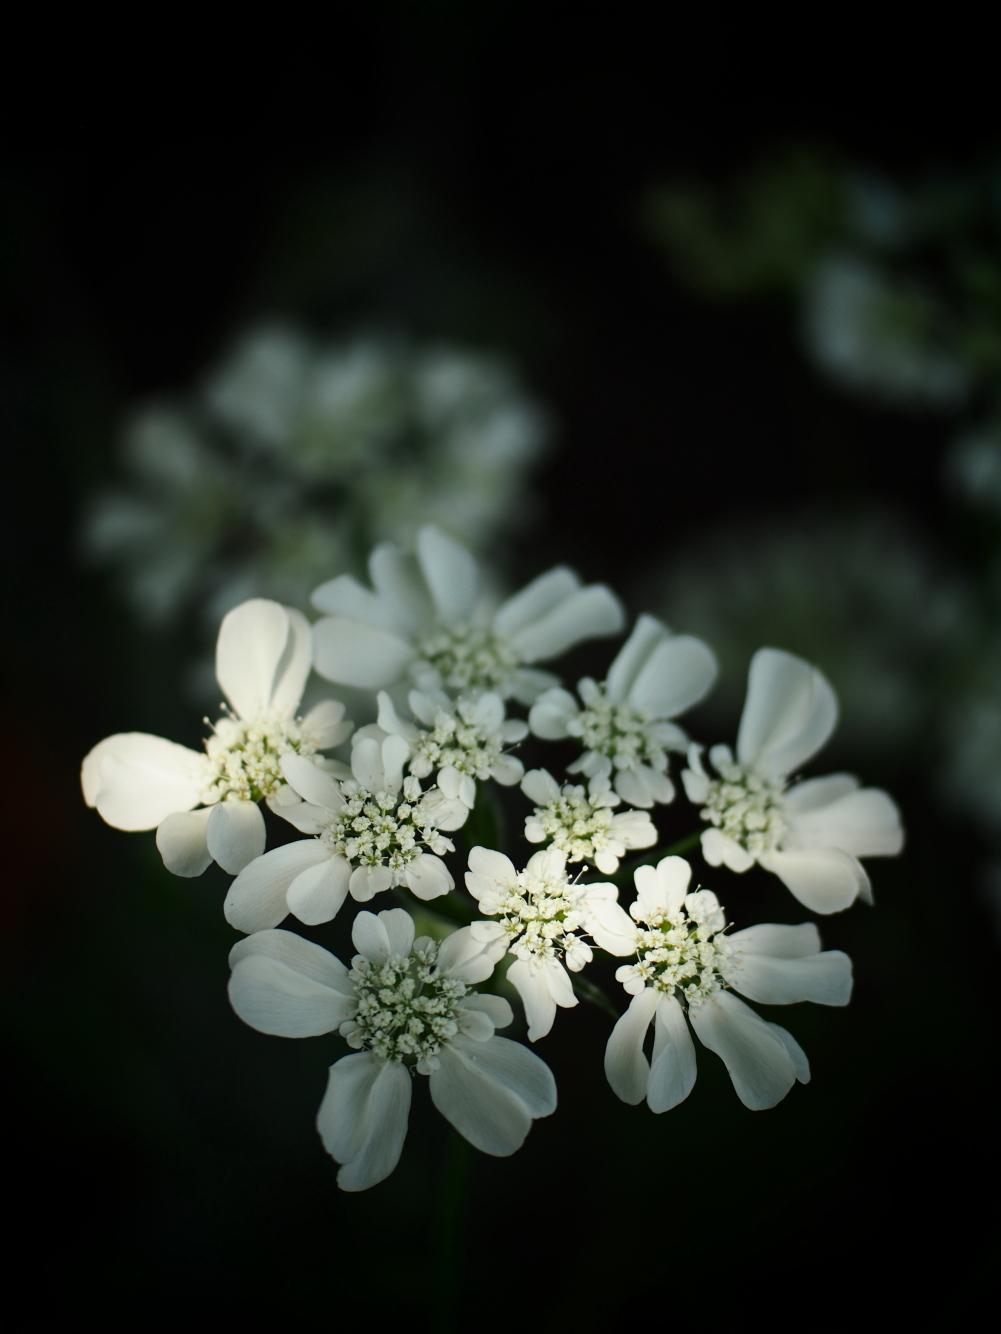 初夏の花_e0169421_21515623.jpg